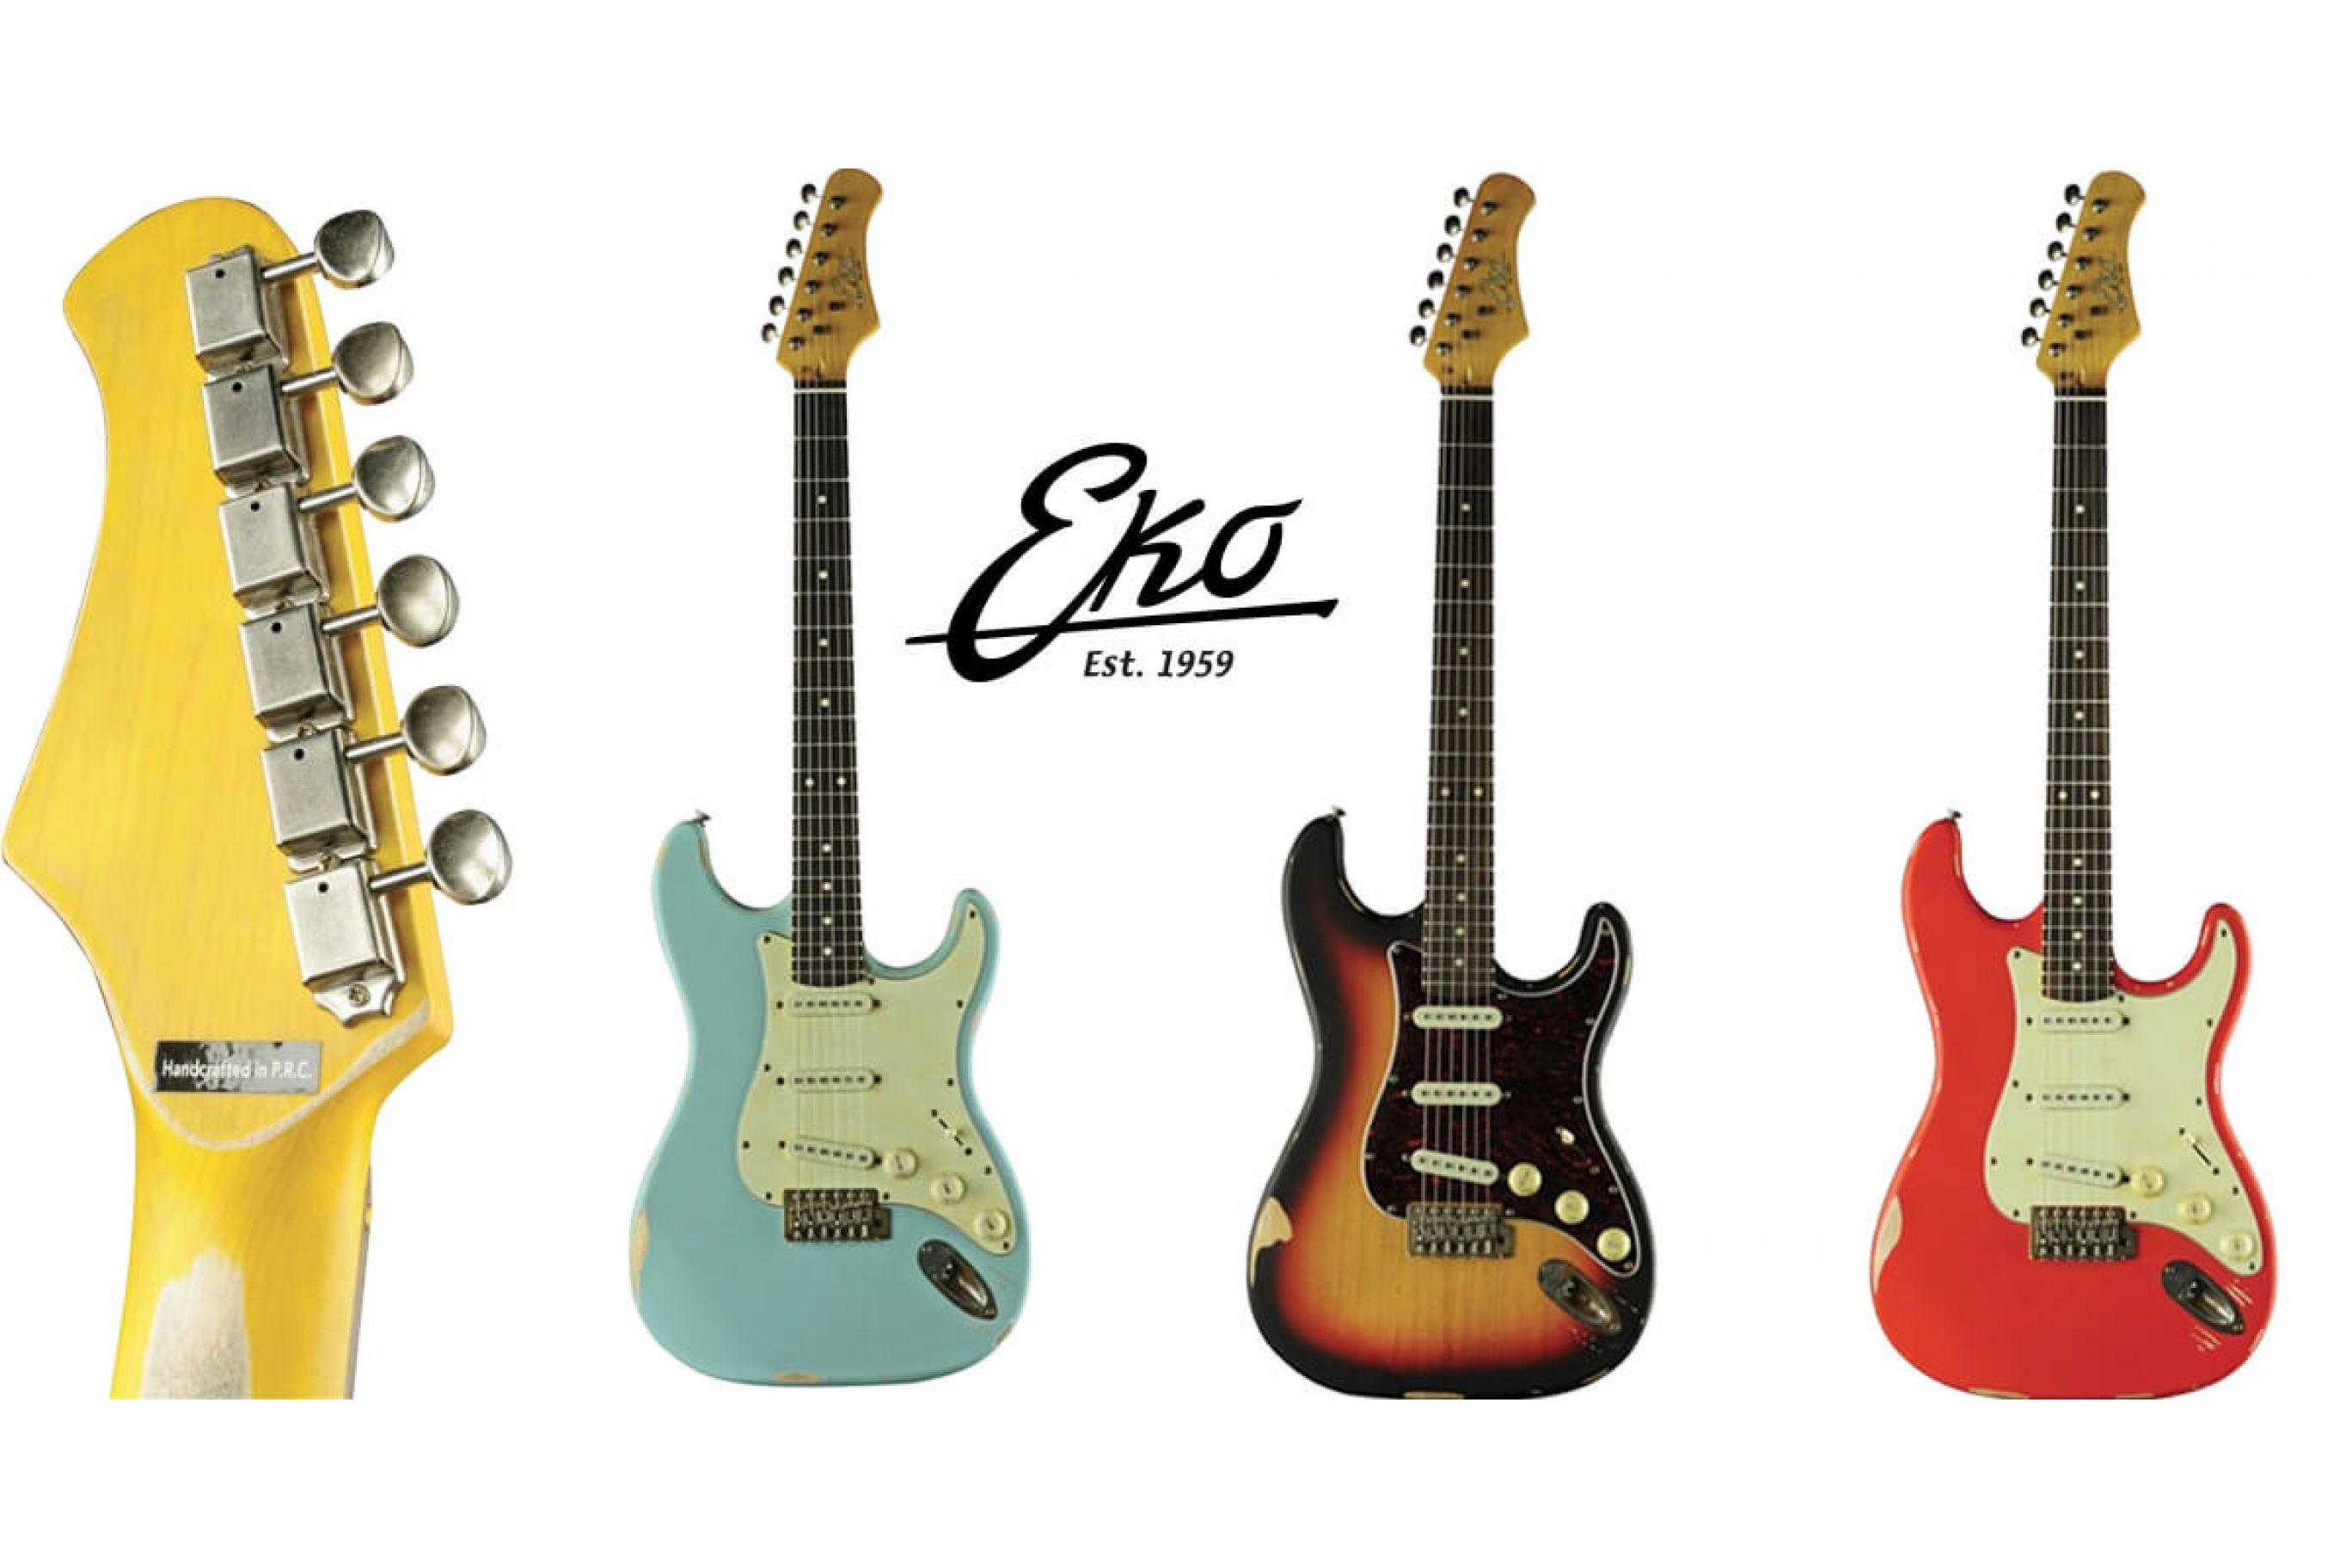 Le Nuove Chitarre Elettriche: Eko S300 Relic